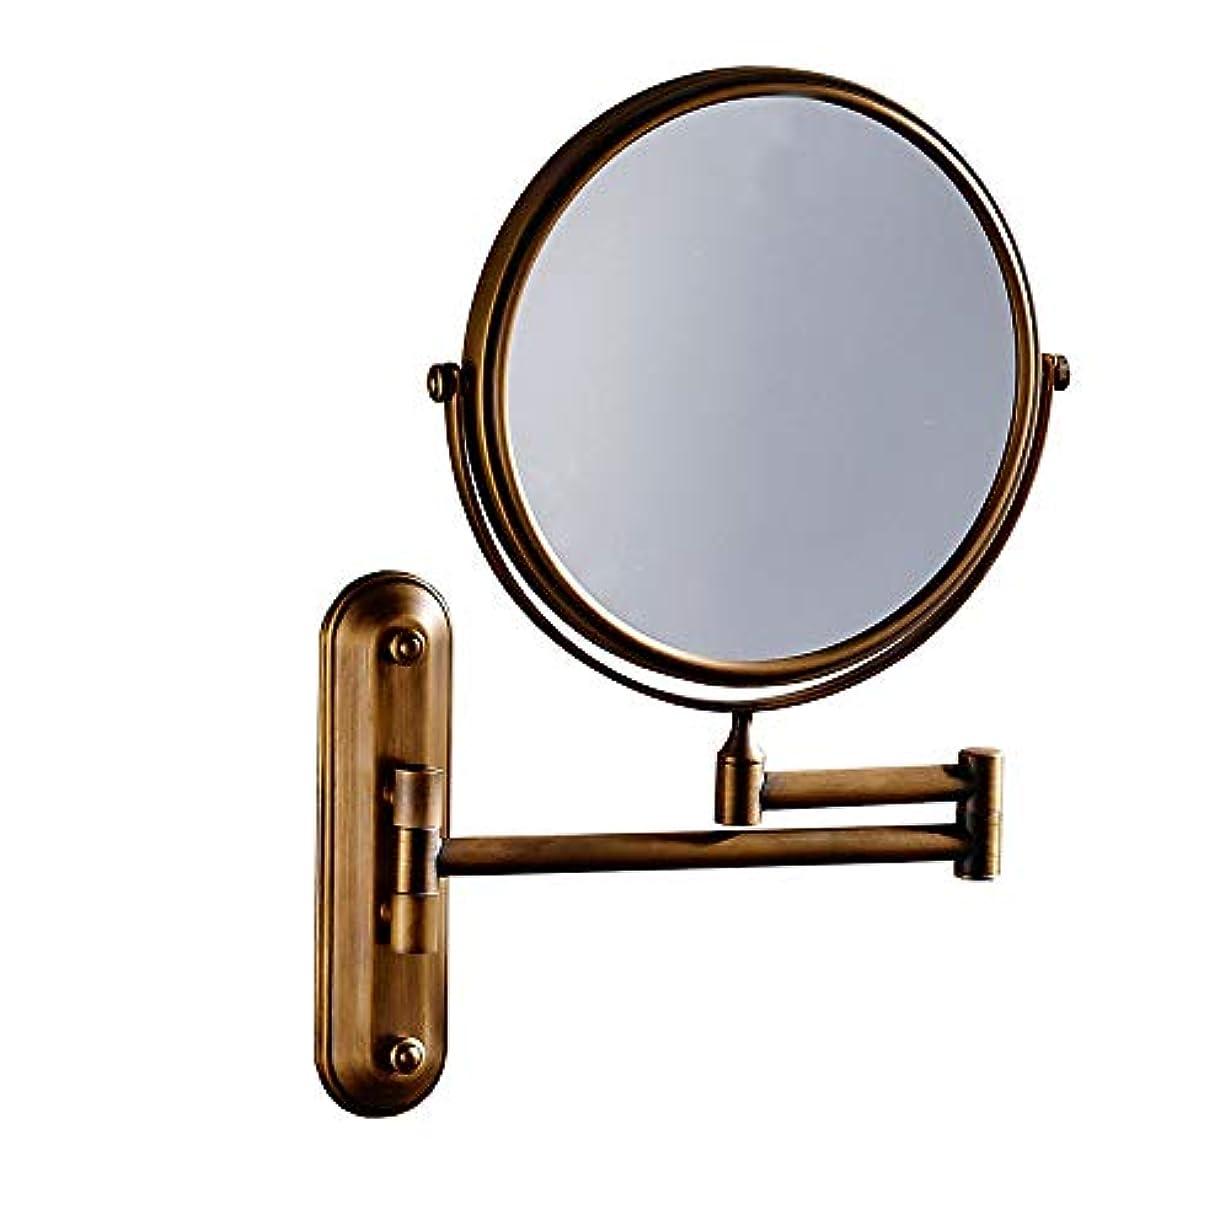 ブルーベル安定しましたローラー化粧鏡 LED照明虫眼鏡両面回転3回虫眼鏡壁掛け美容化粧鏡調節可能なバスルーム化粧台化粧鏡化粧鏡 浴室のシャワー旅行 (色 : ゴールド, サイズ : ワンサイズ)